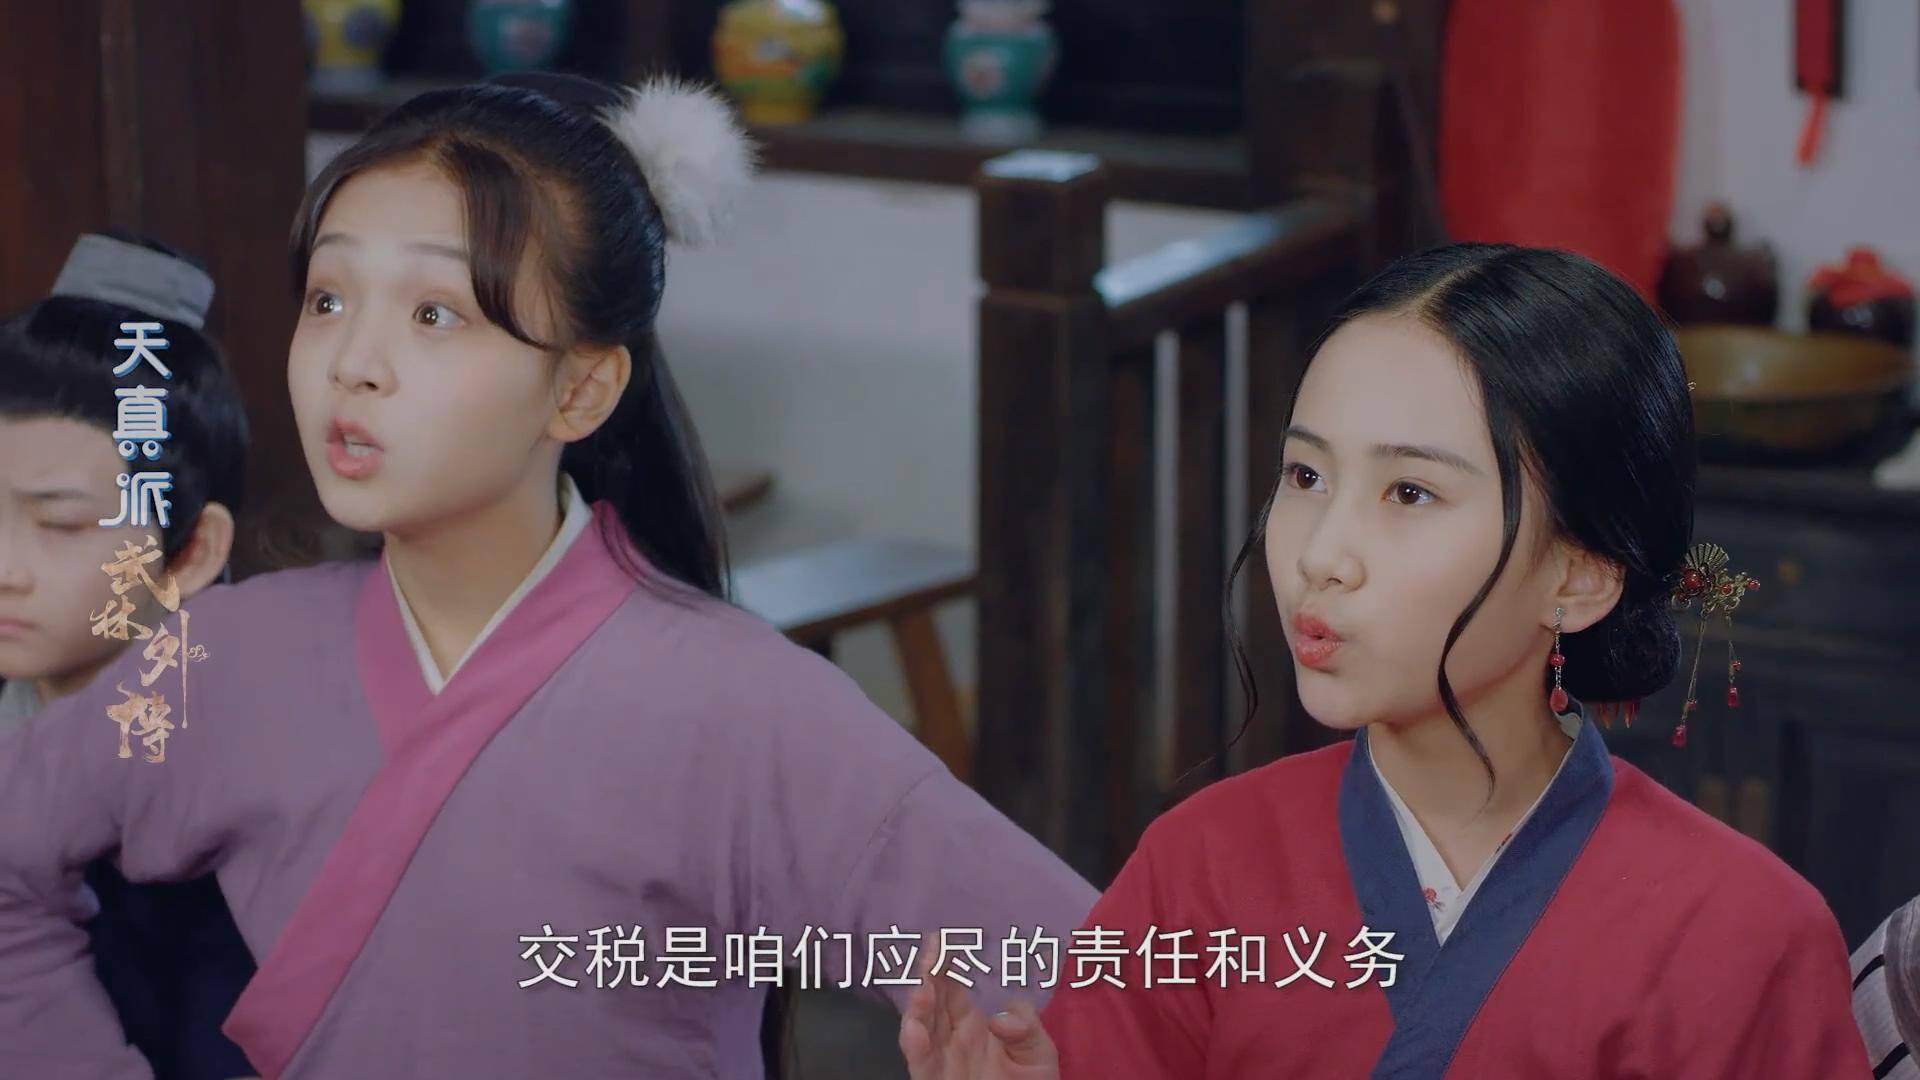 【天真派武林外传】最萌税收宣传员小湘玉